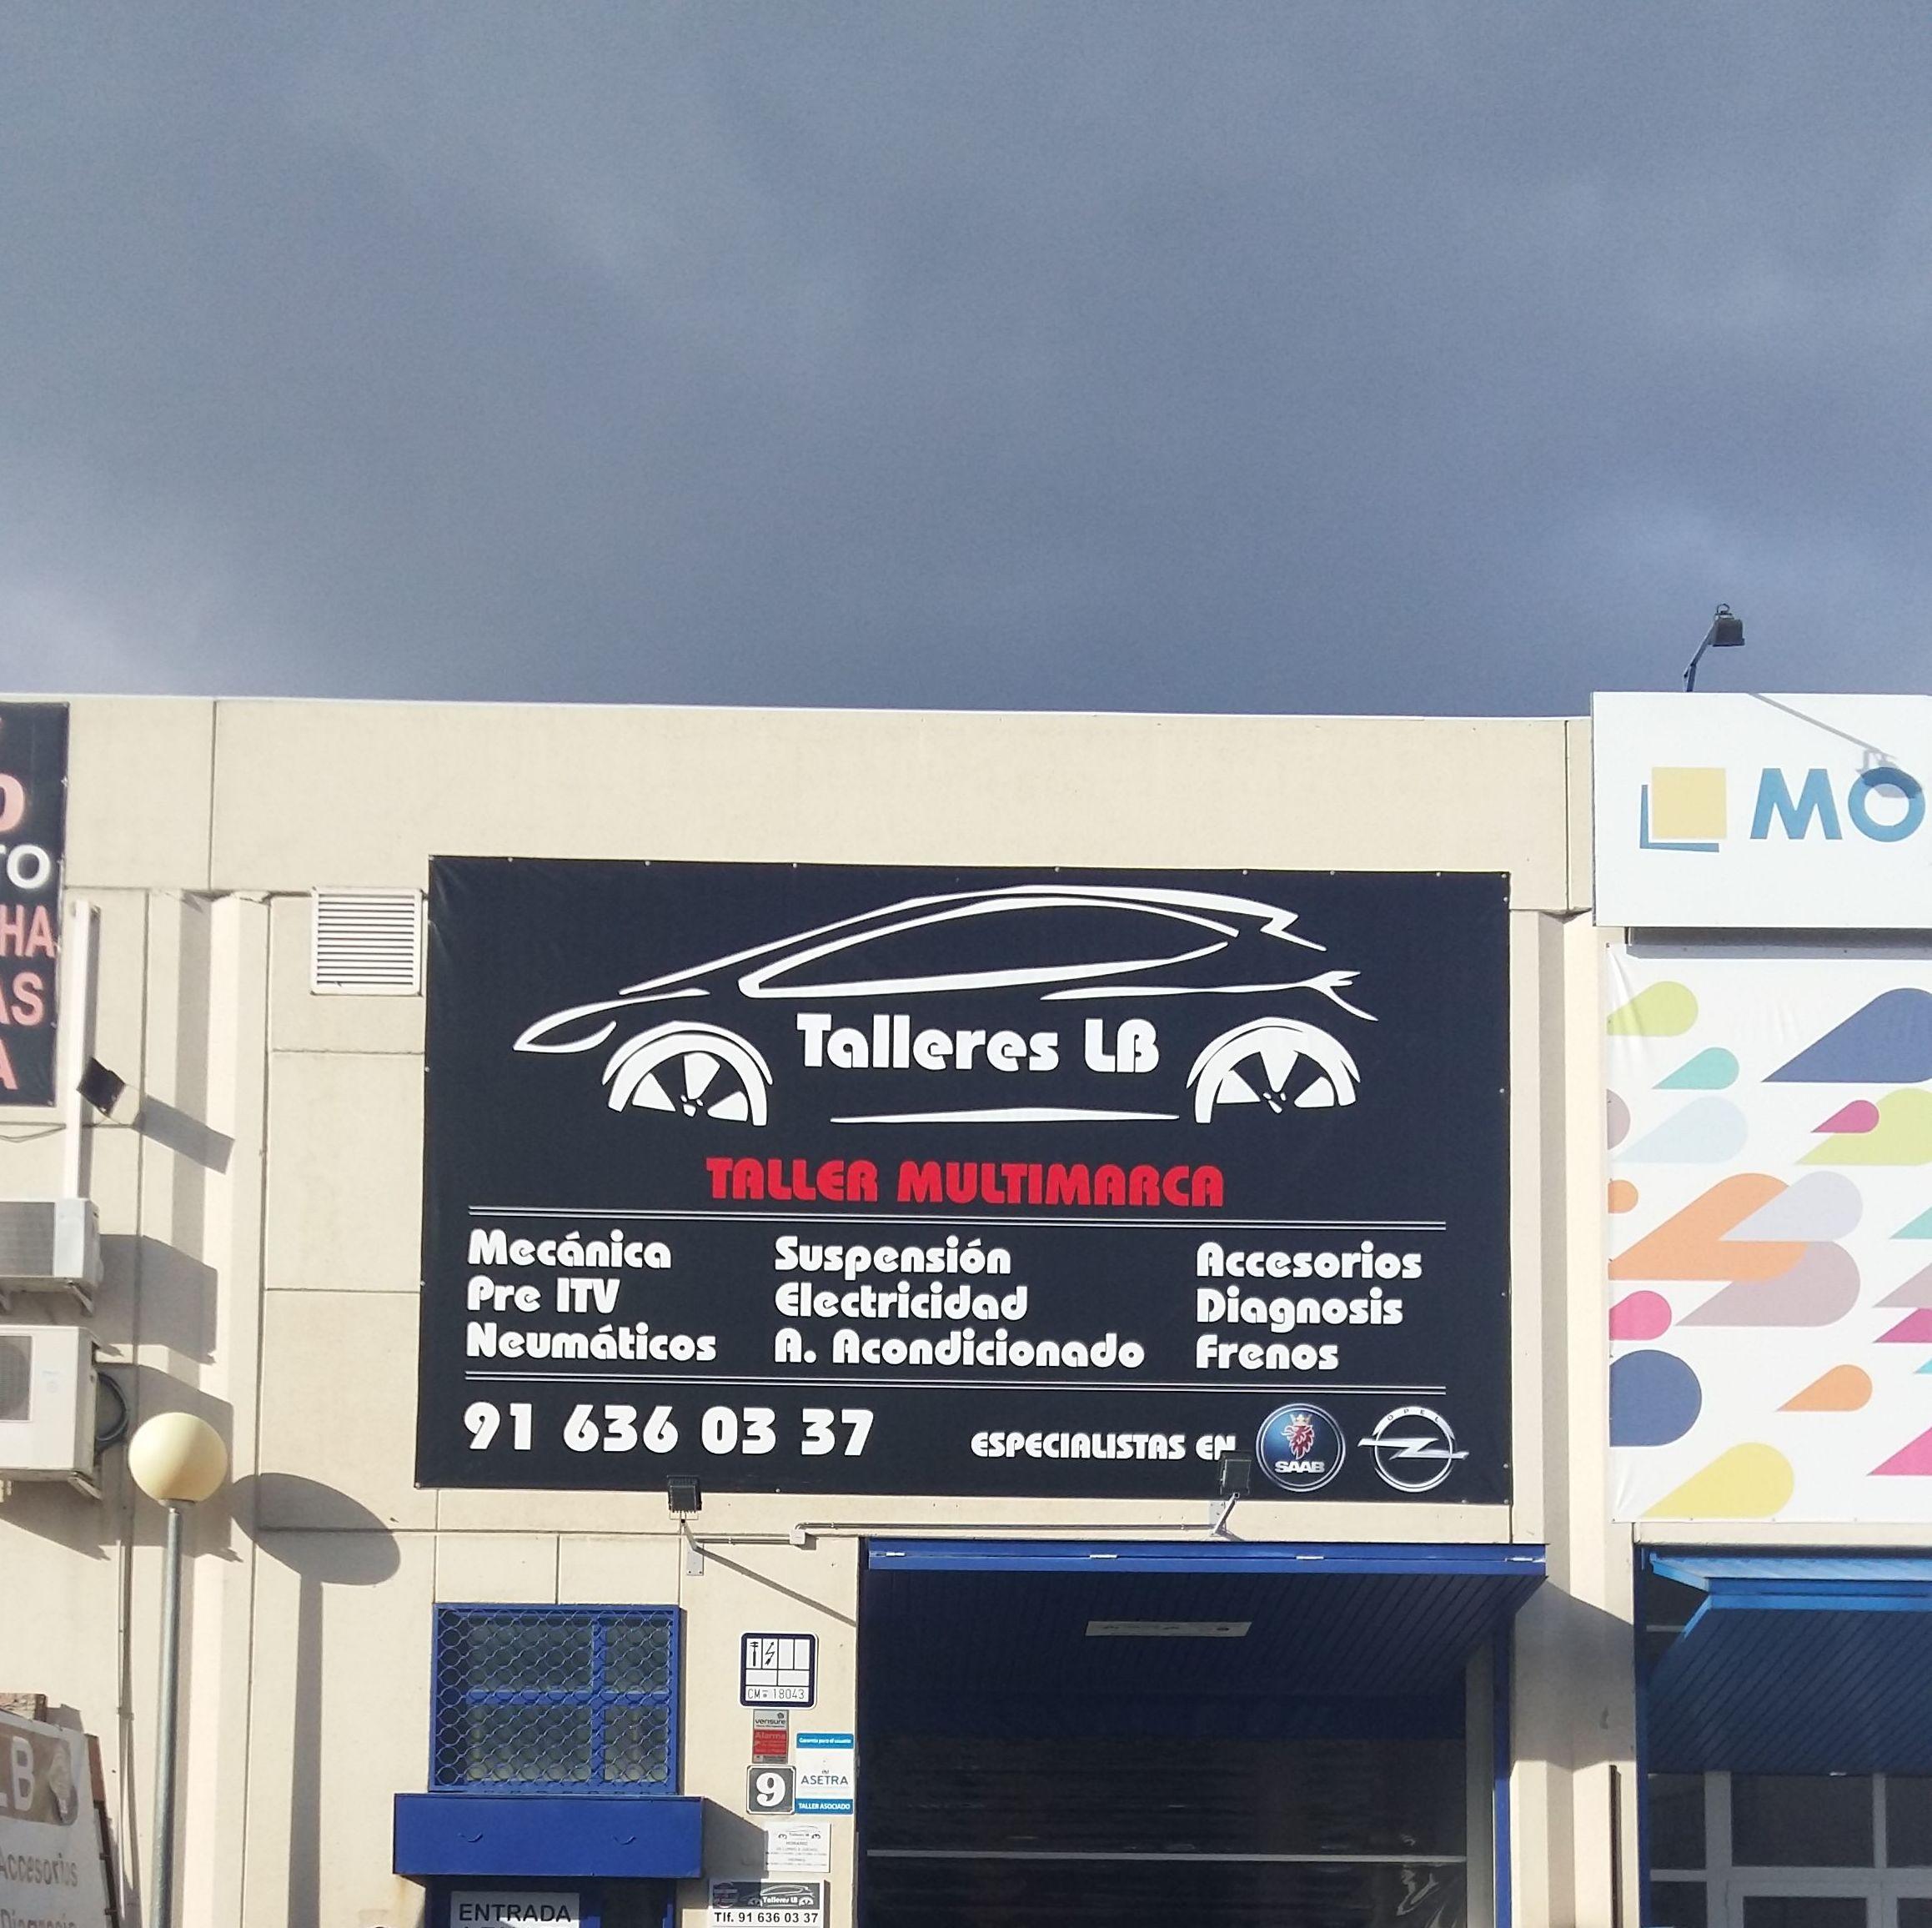 Foto 7 de Talleres de automóviles en Las Rozas | Talleres LB Las Rozas, S.L.